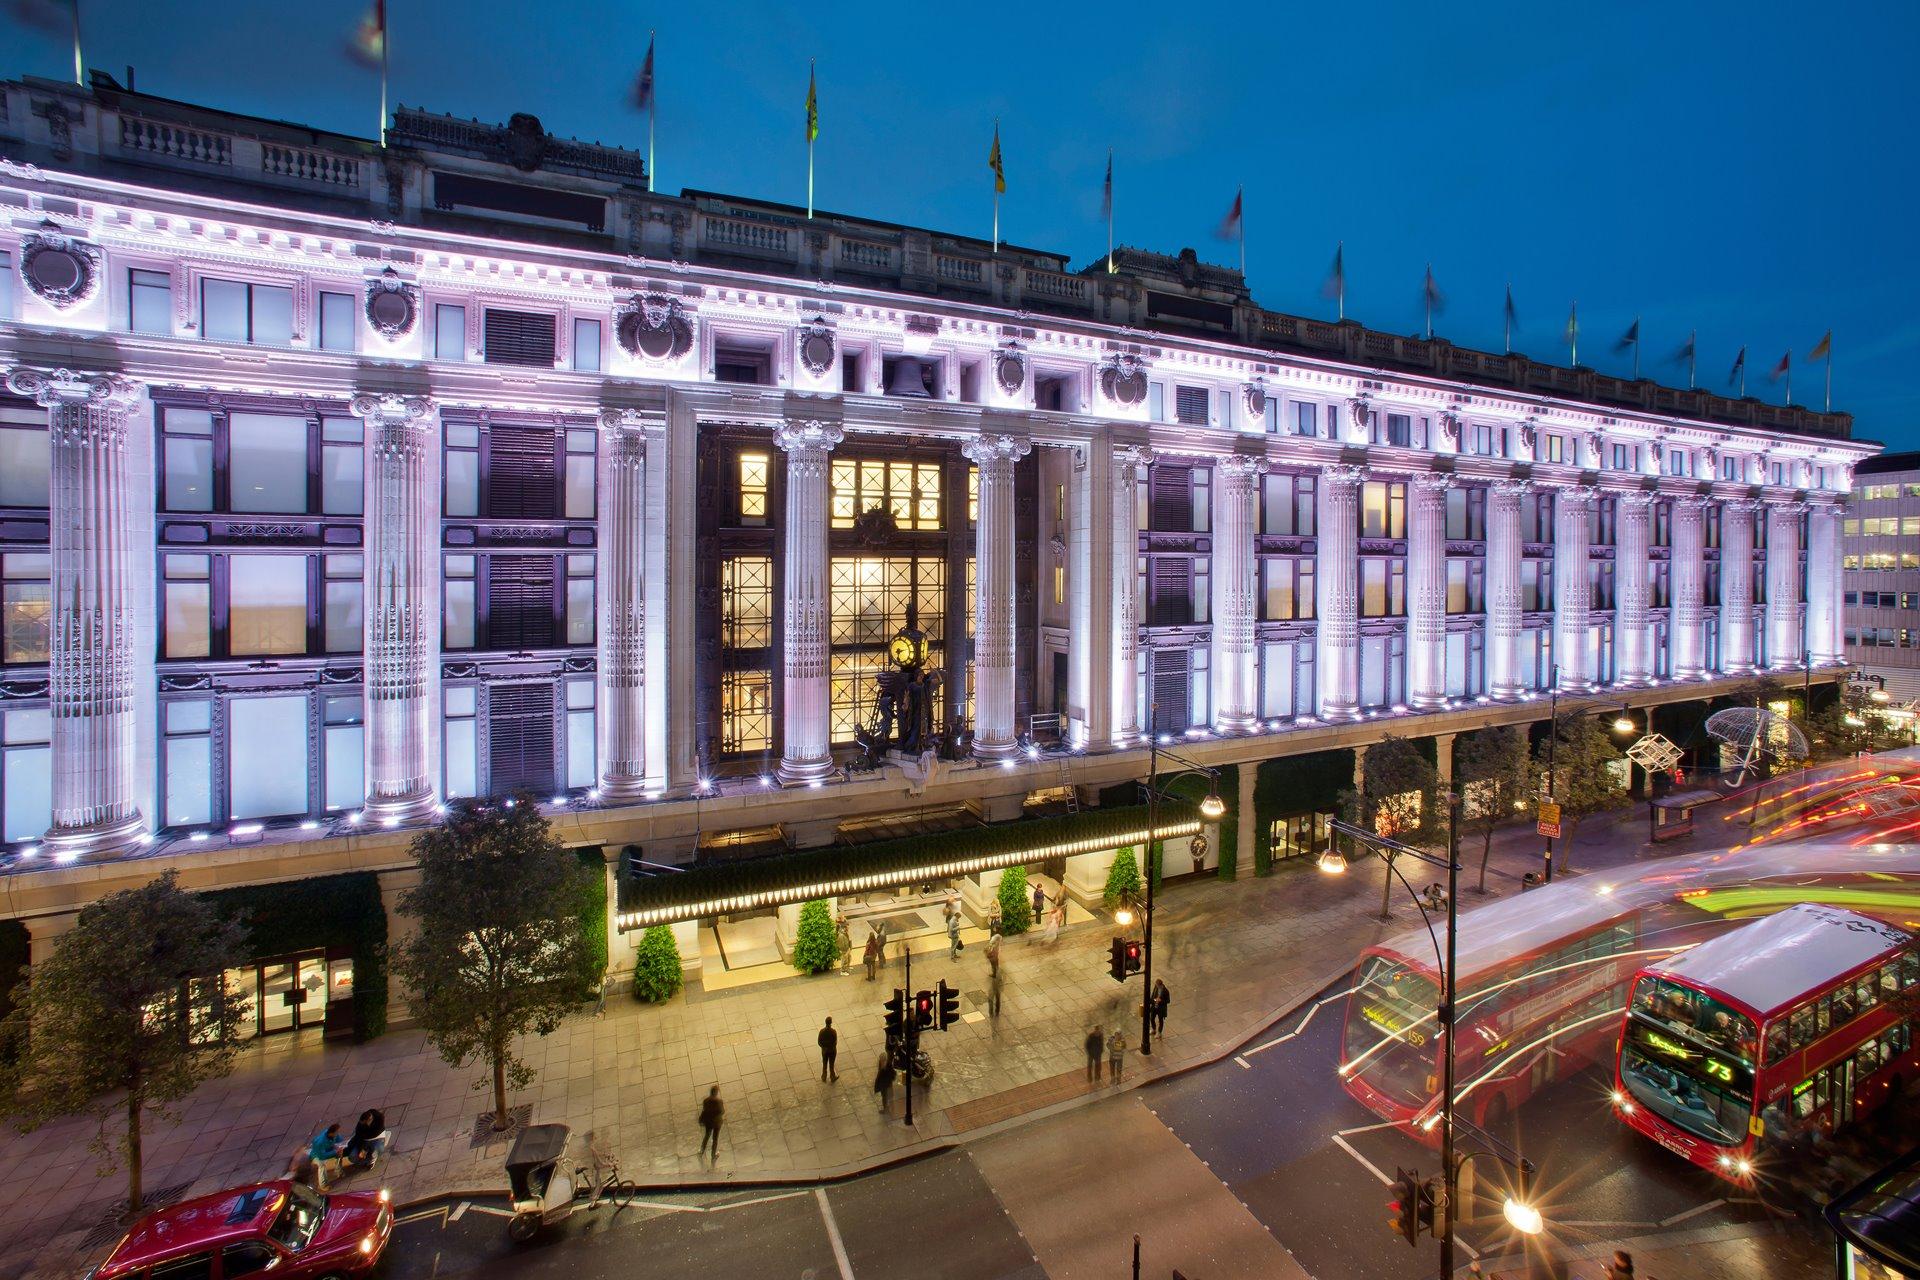 Универмаг Selfridges в Лондоне